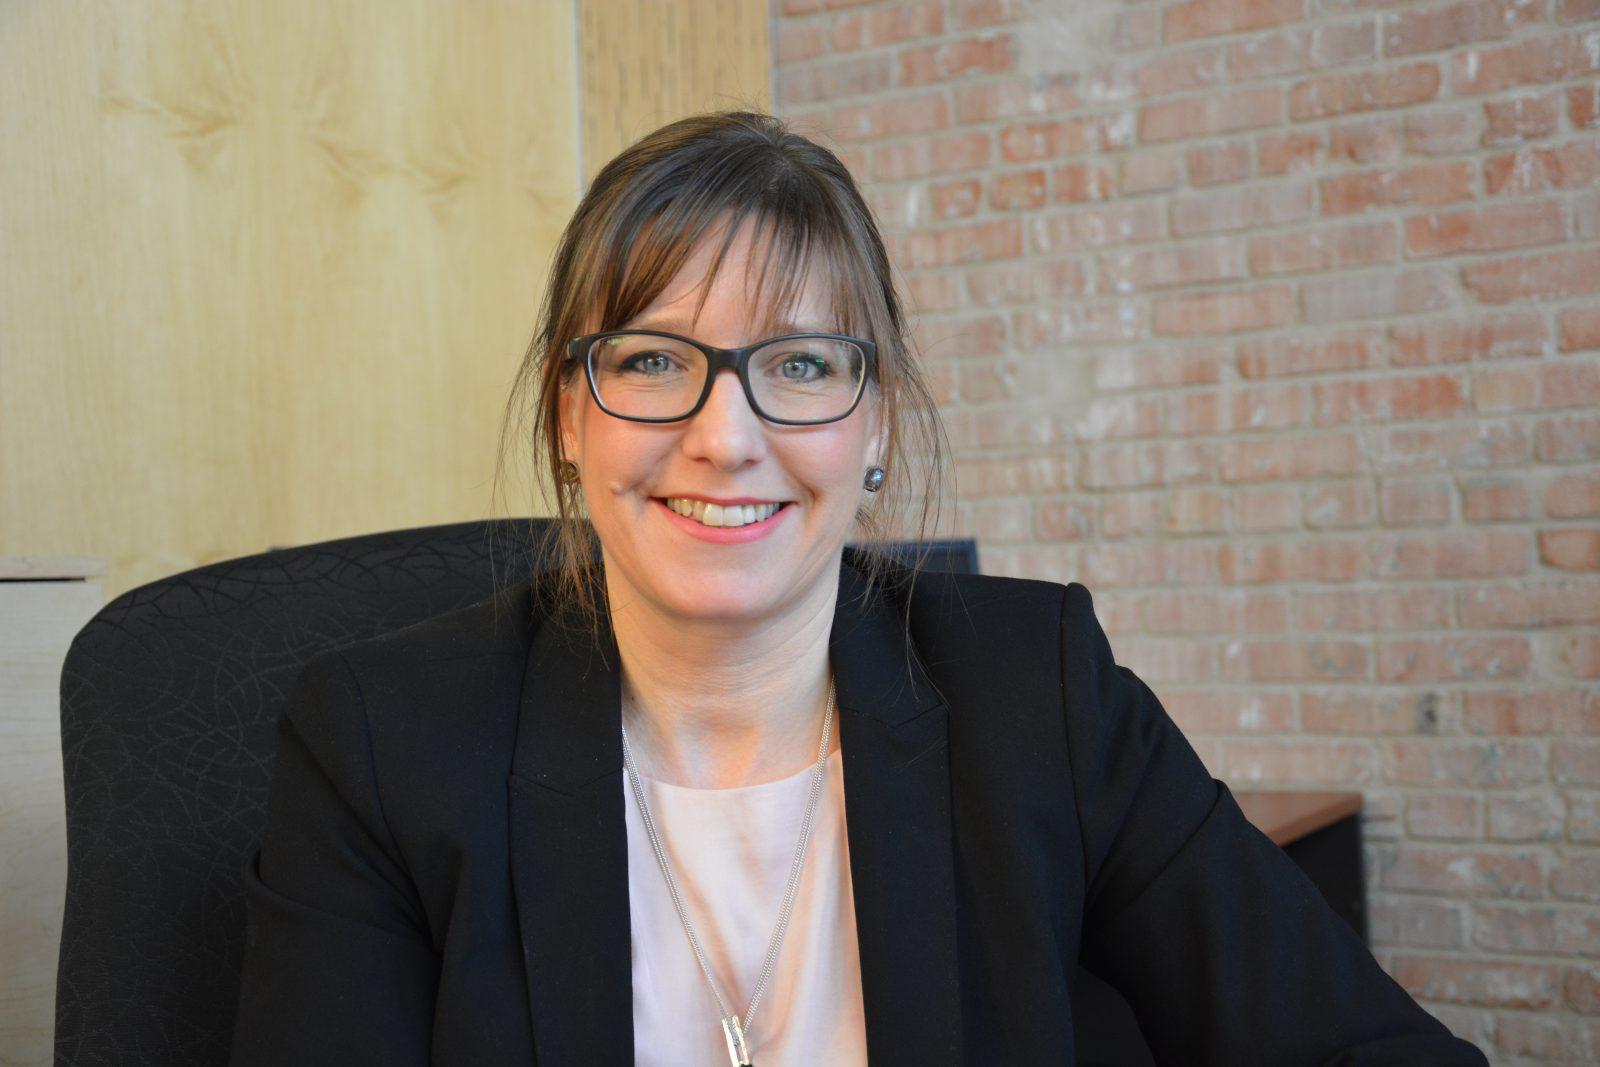 La ministre Marie-Eve Proulx défend le 3e lien